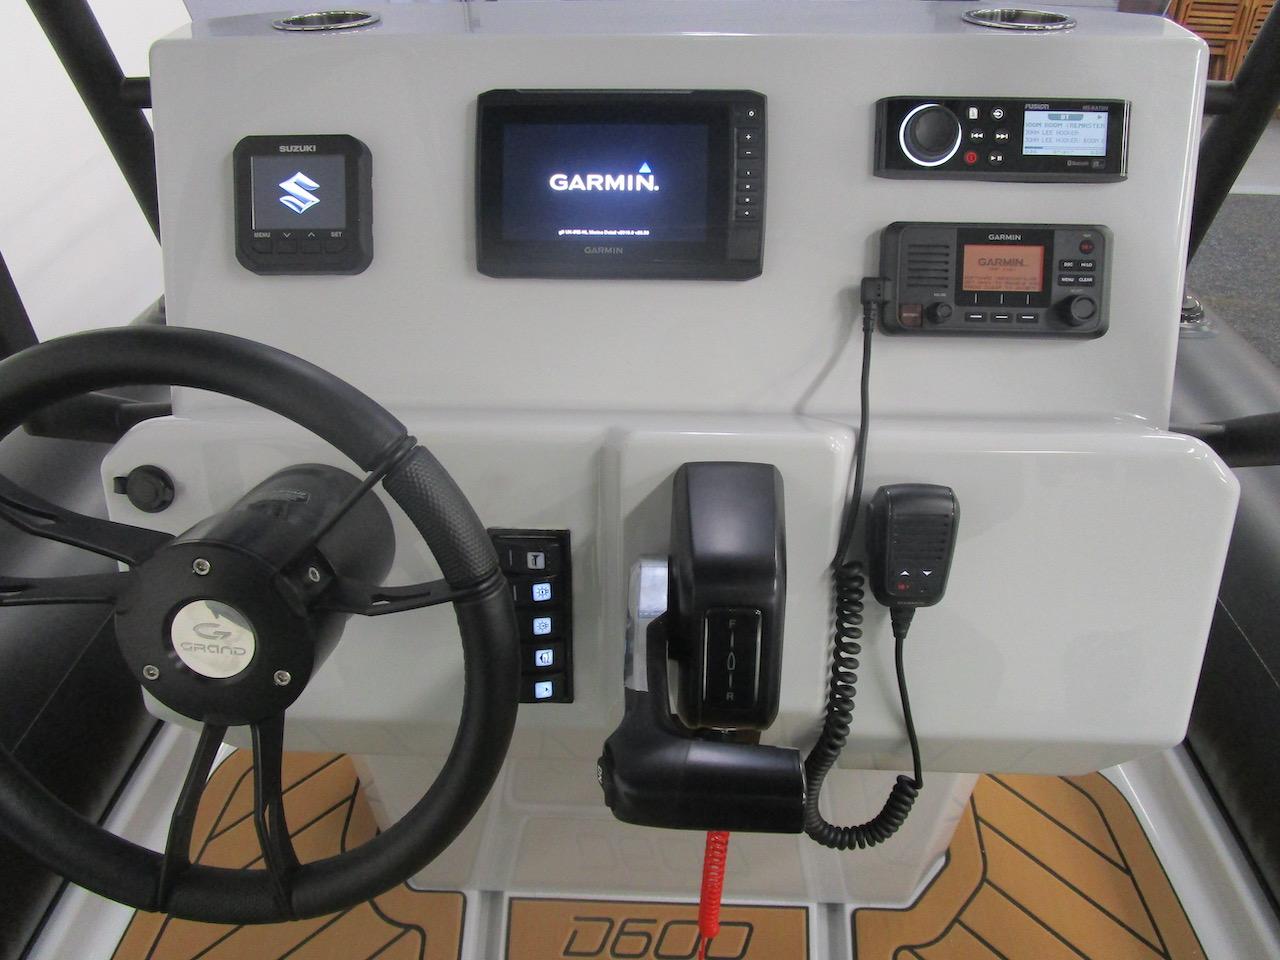 GRAND DRIVE D600 RIB console